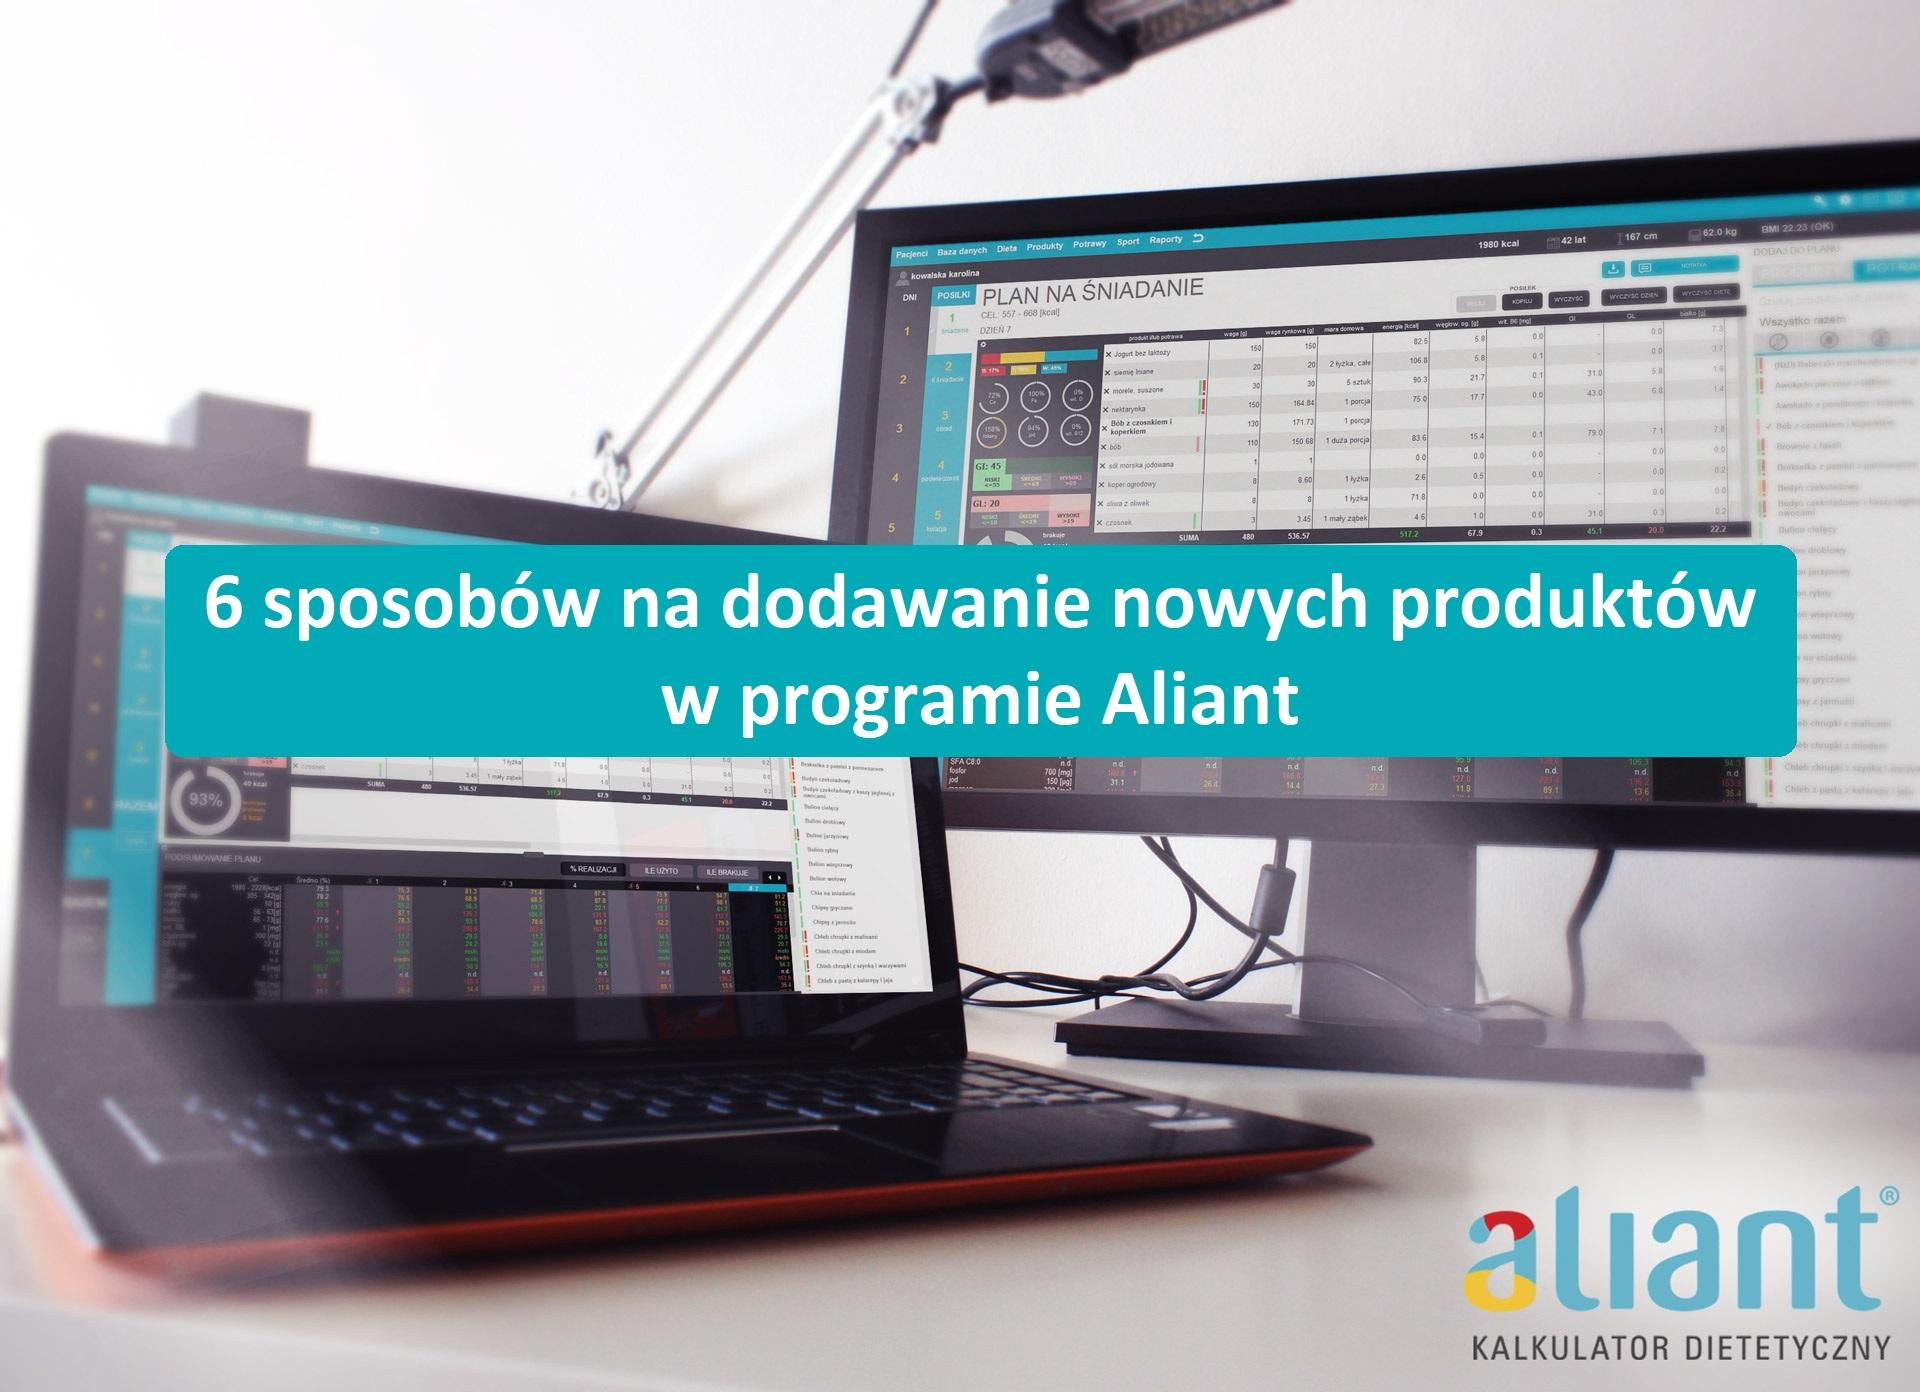 6 sposobów na dodawanie nowych produktów w programie Aliant